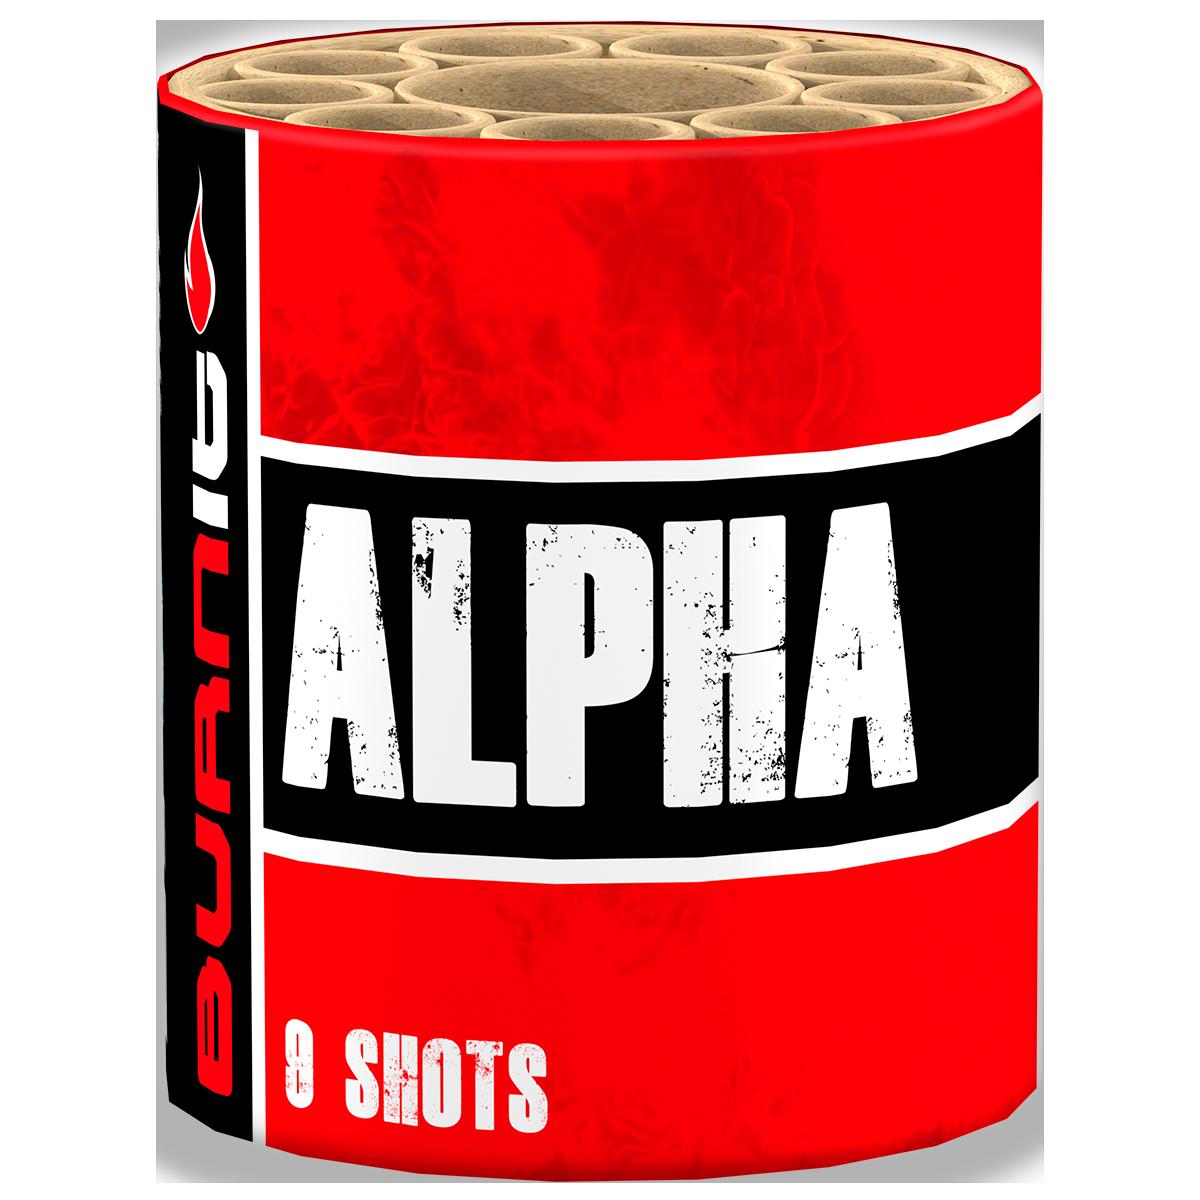 Alpha burn it